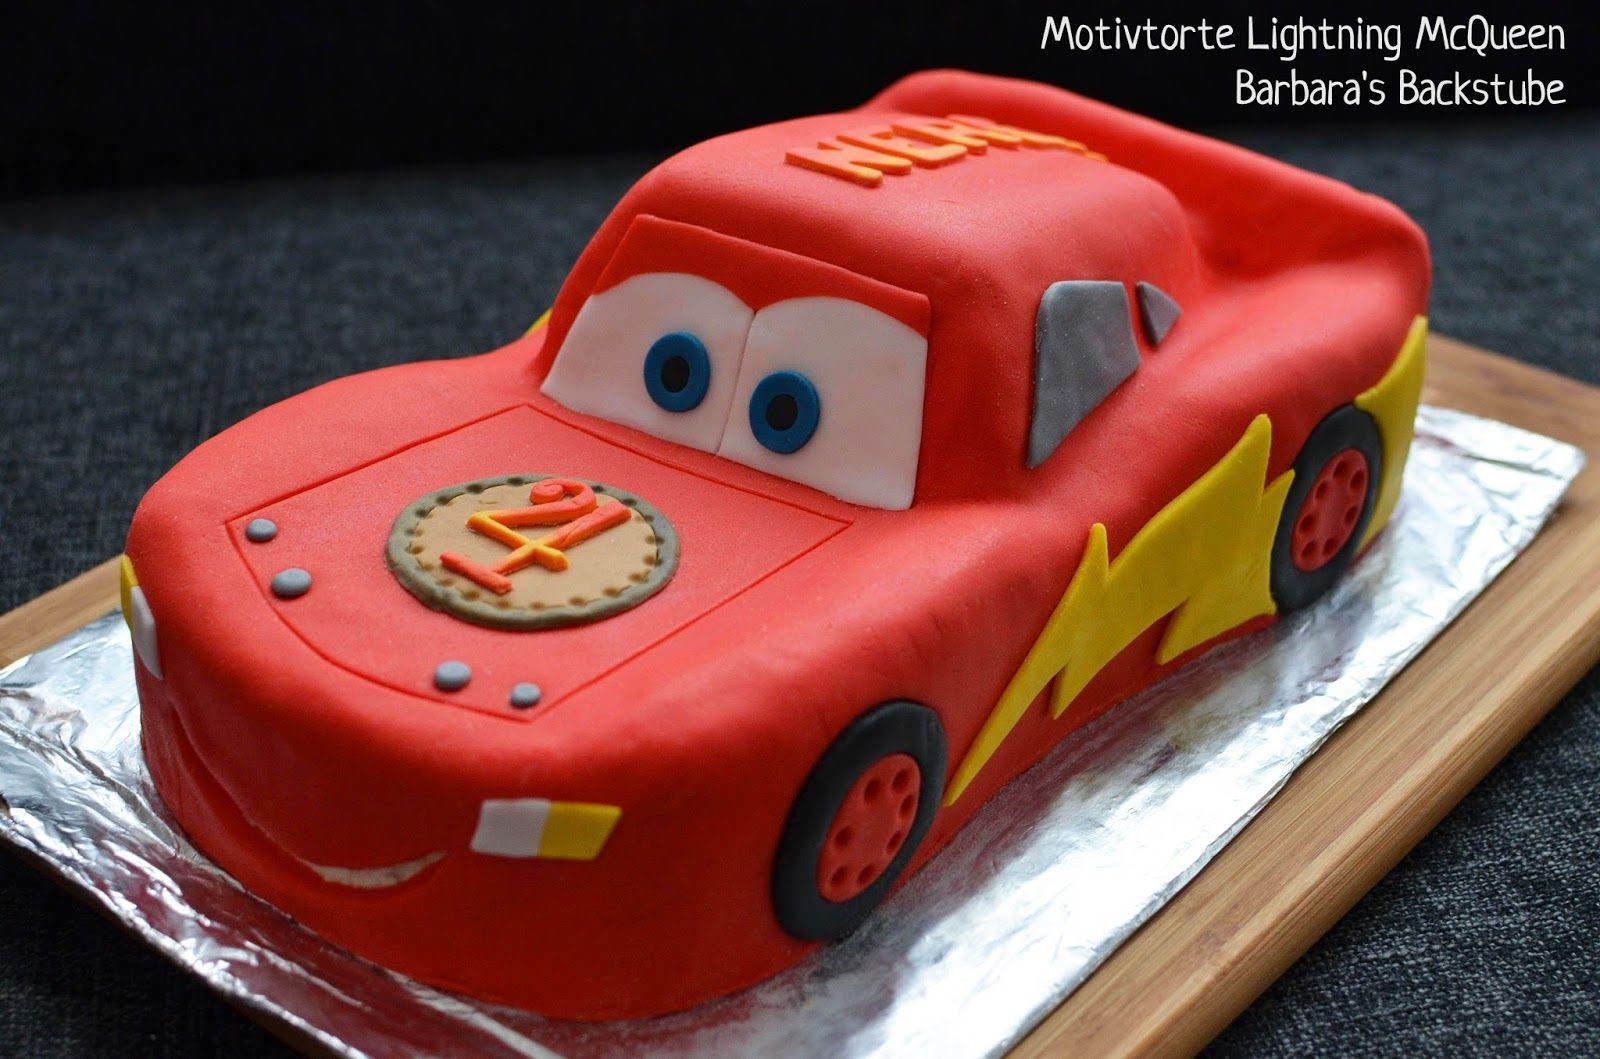 Barbaras Backstube: Lightning McQueen Torte